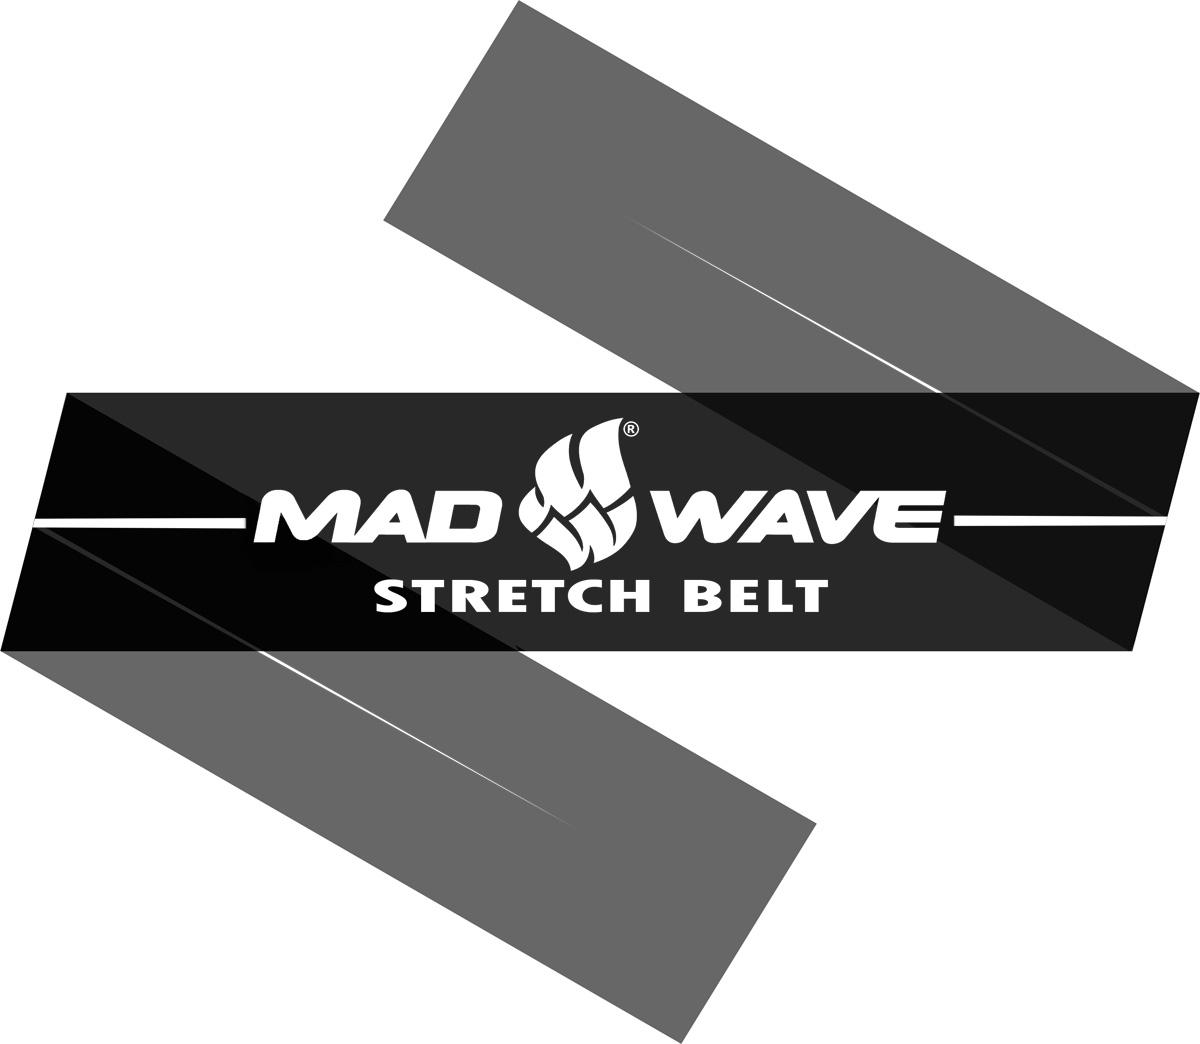 Эспандер Mad Wave Stretch Band, цвет: черный, 150 см х 15 см х 0,04 см10012309Эспандер Mad Wave Stretch Band предназначен для тренировки и разогрева мышц. Представляет собой латексную ленту. Может применятся в любом виде спорта. Чрезвычайно компактный.